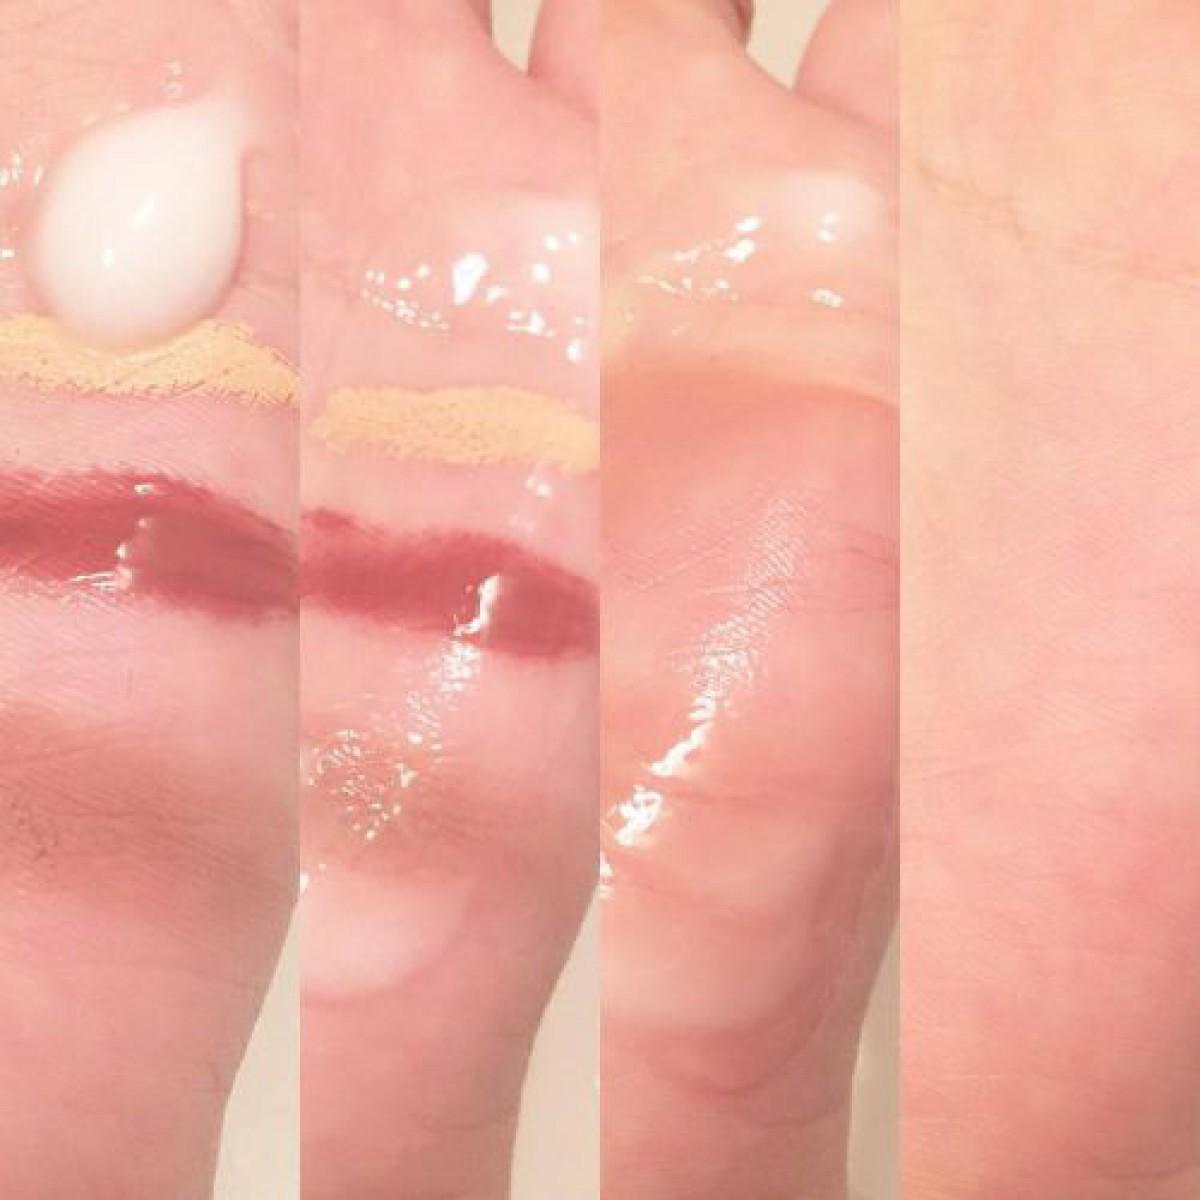 カバーマークの神クレンジング|「化粧水を忘れるほど潤う」と話題の化粧落とし